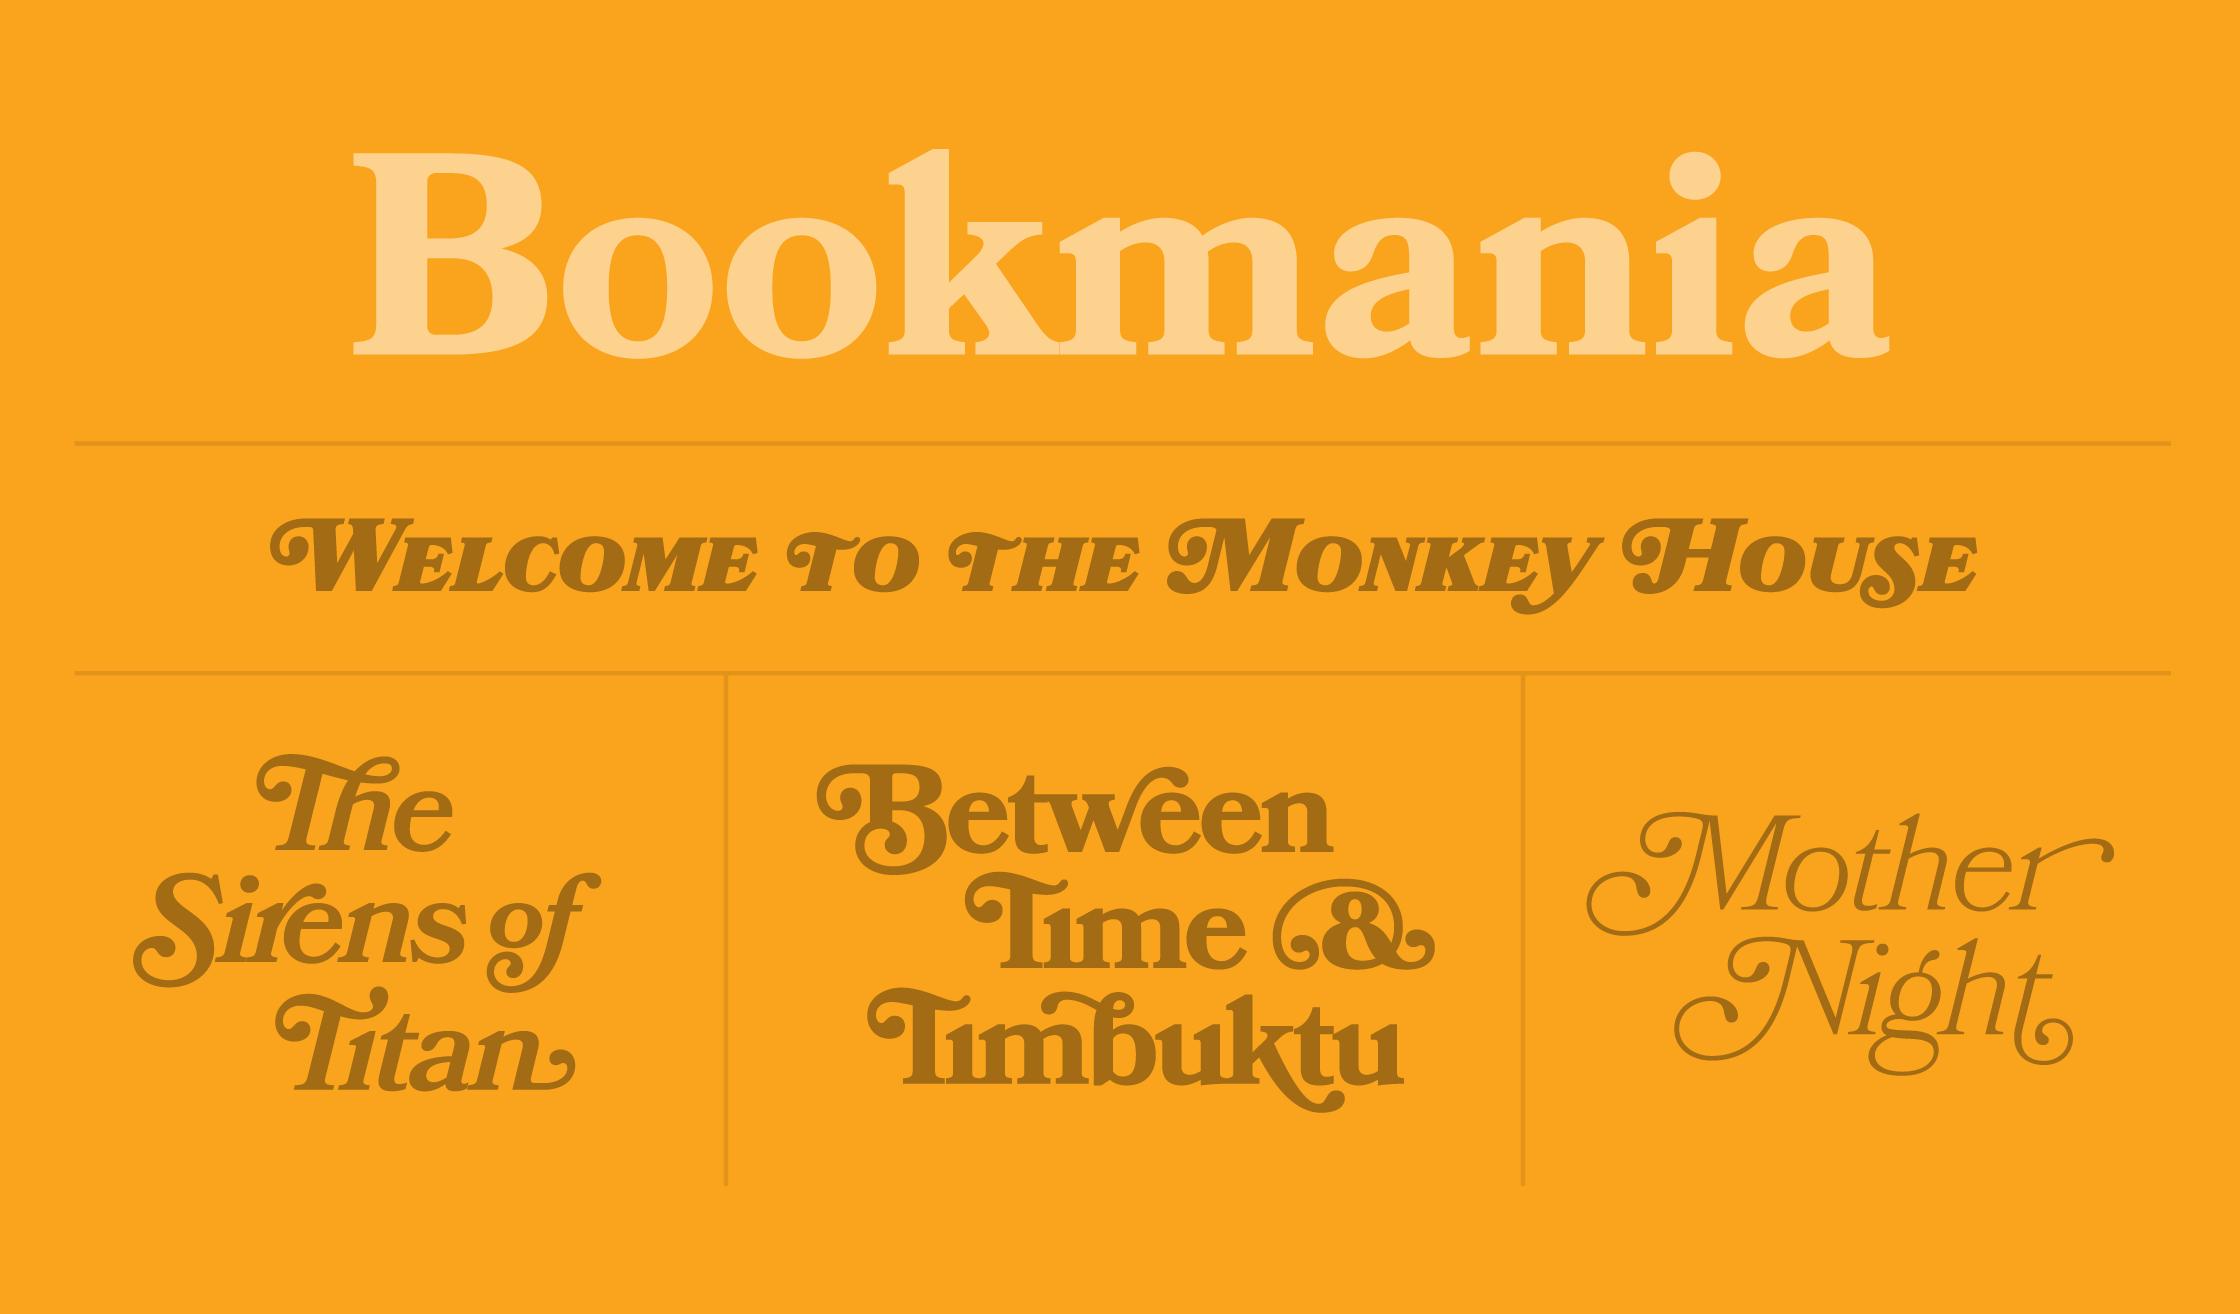 Bookmania Specimen